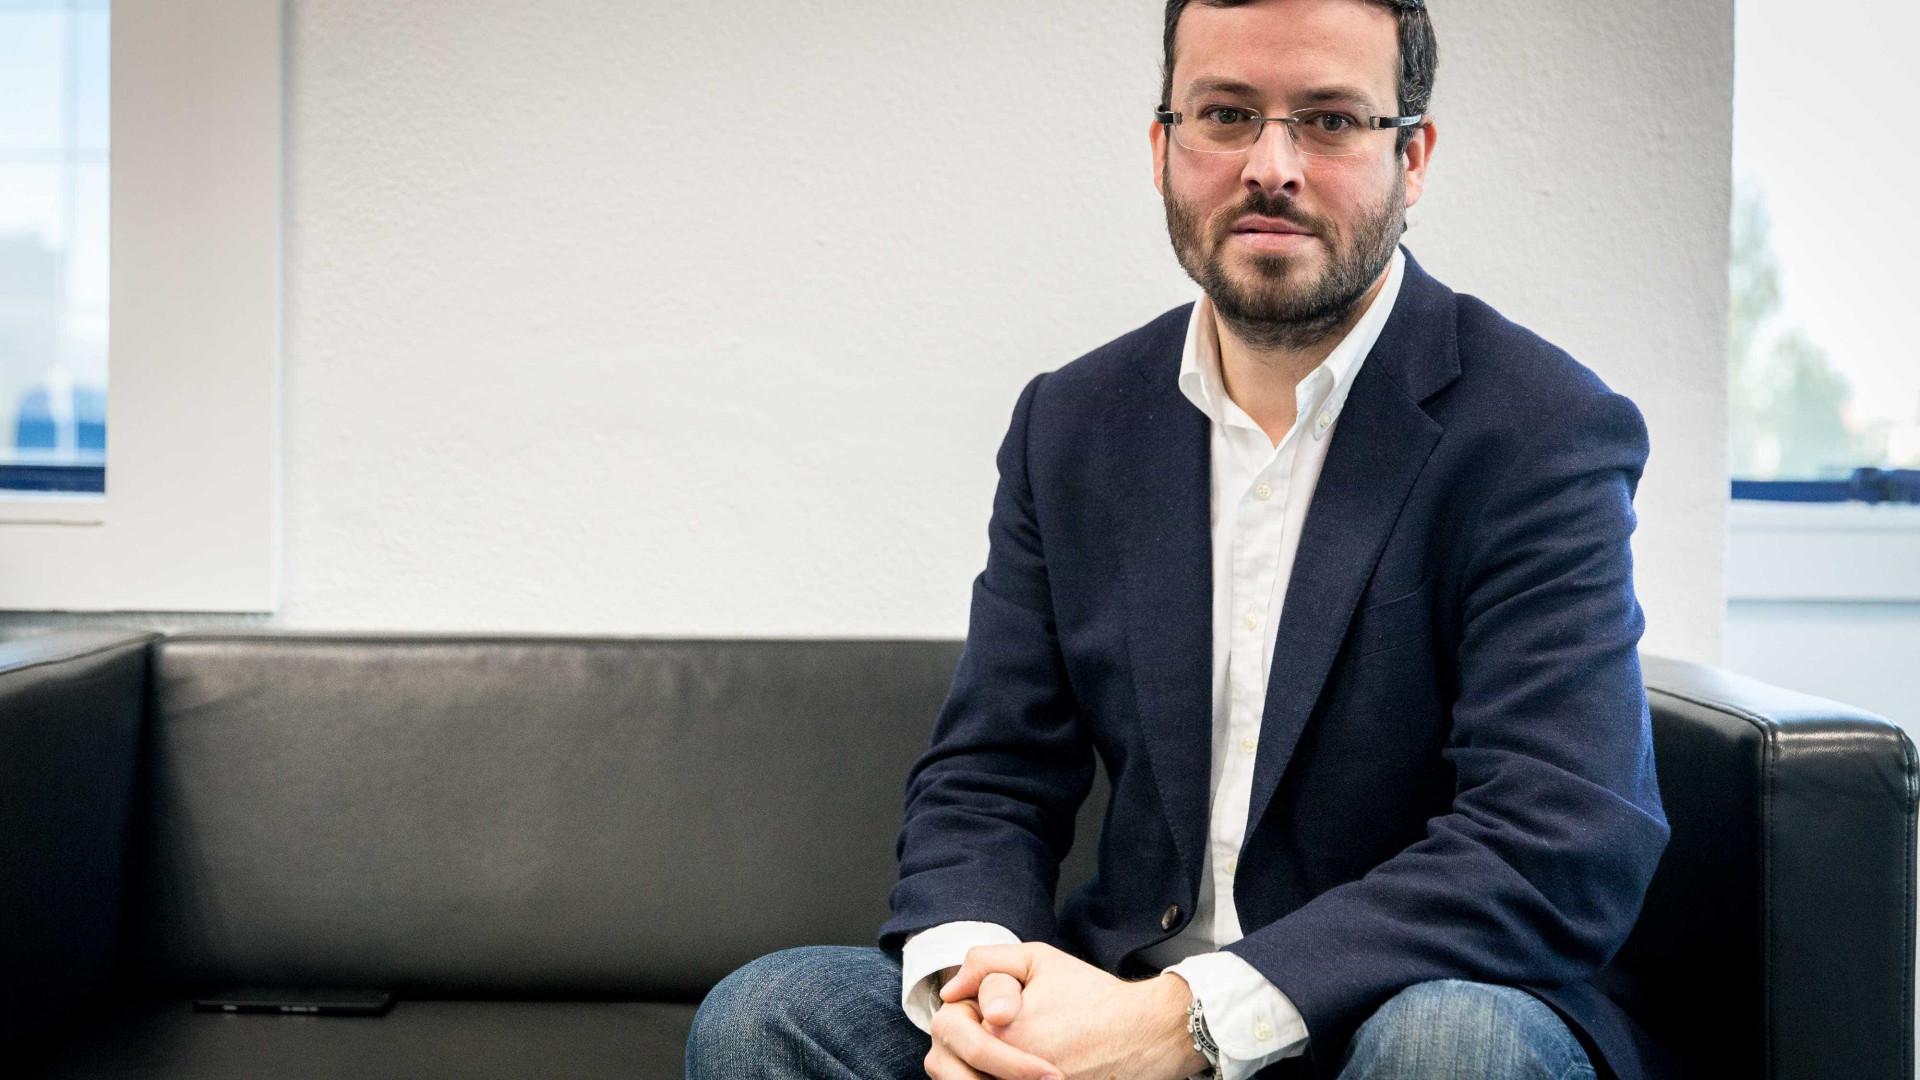 Presidente da concelhia de Lisboa do PSD demite-se